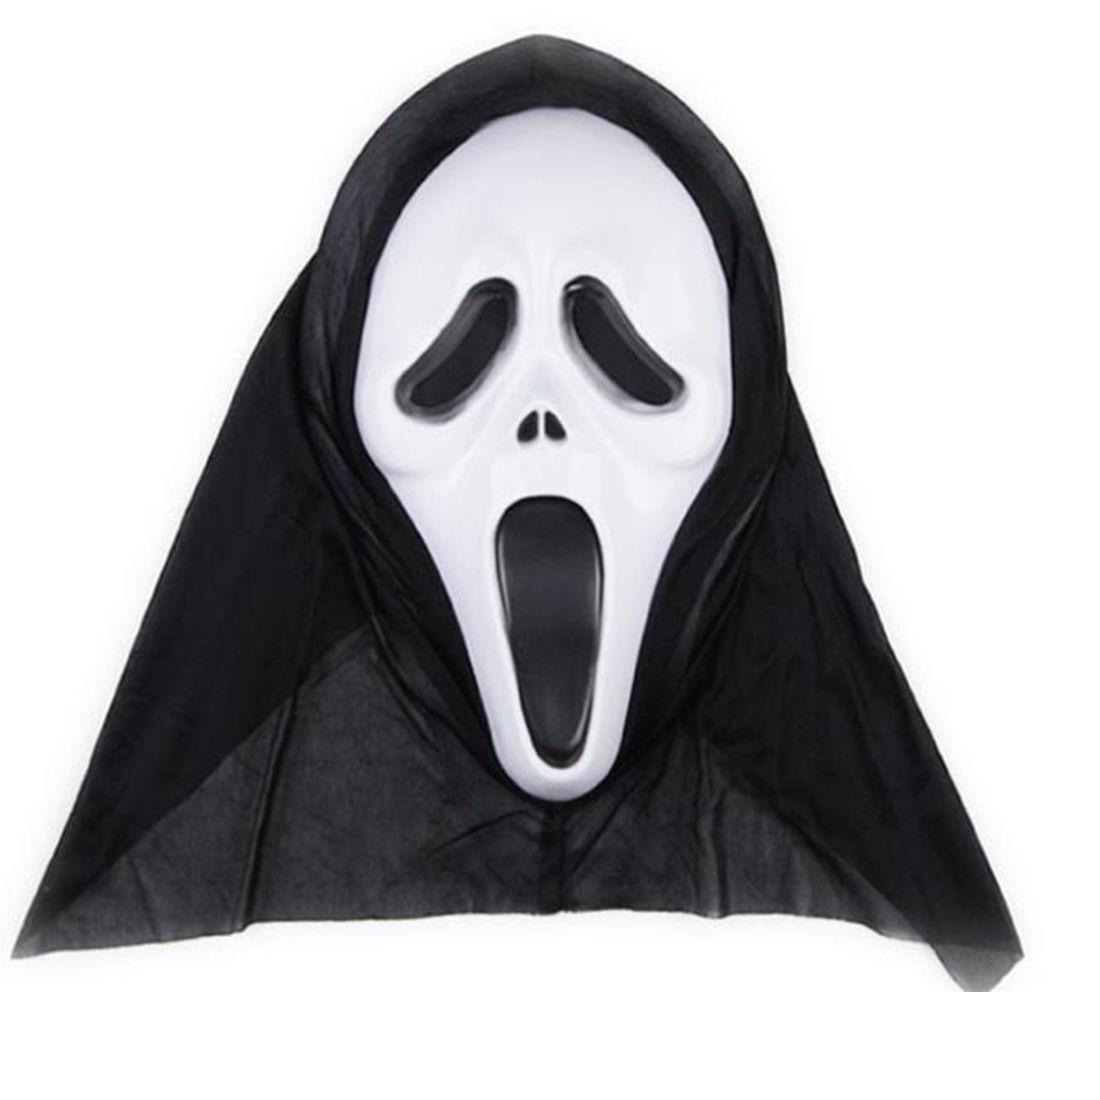 vendetta, skull, jason ,costume masks for sale in jamaica